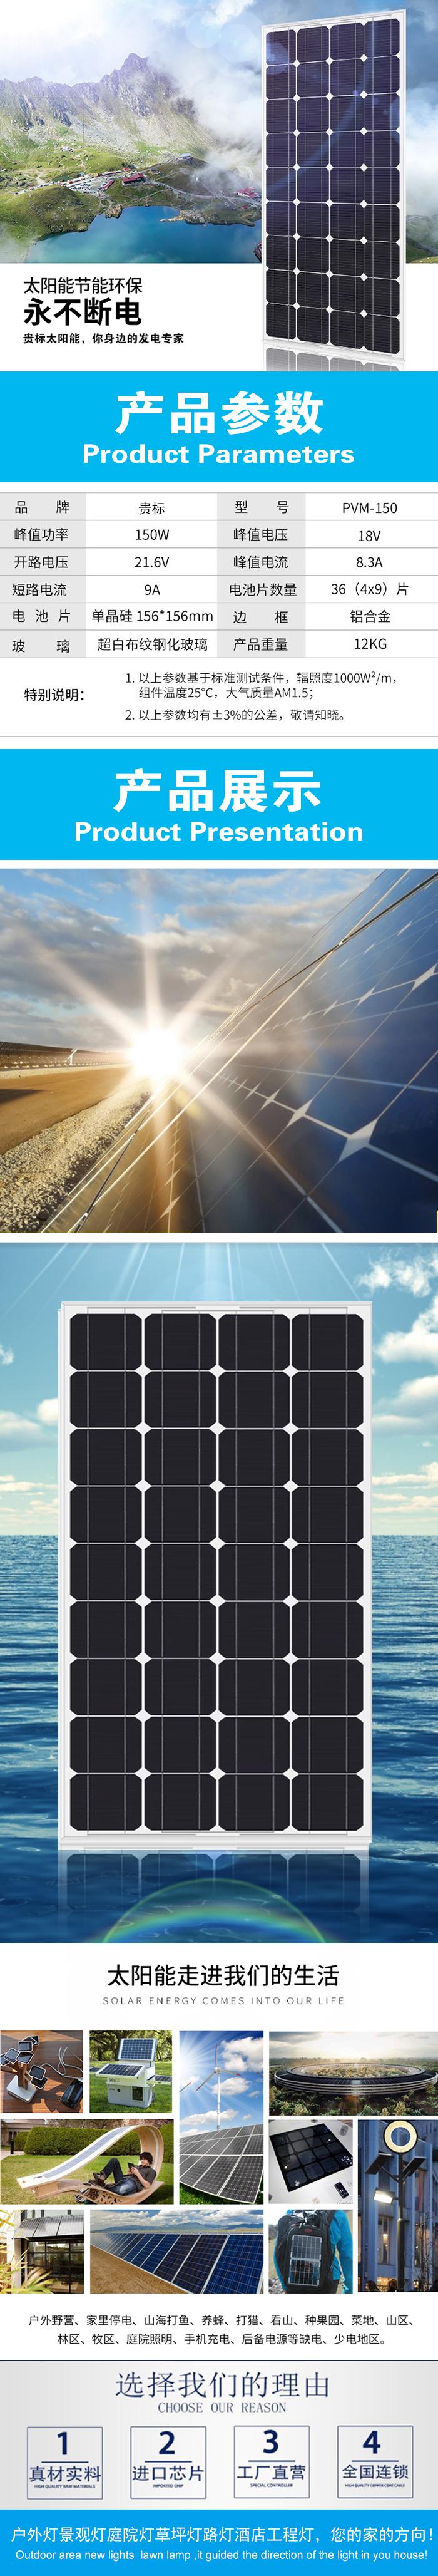 太阳能发电系统8